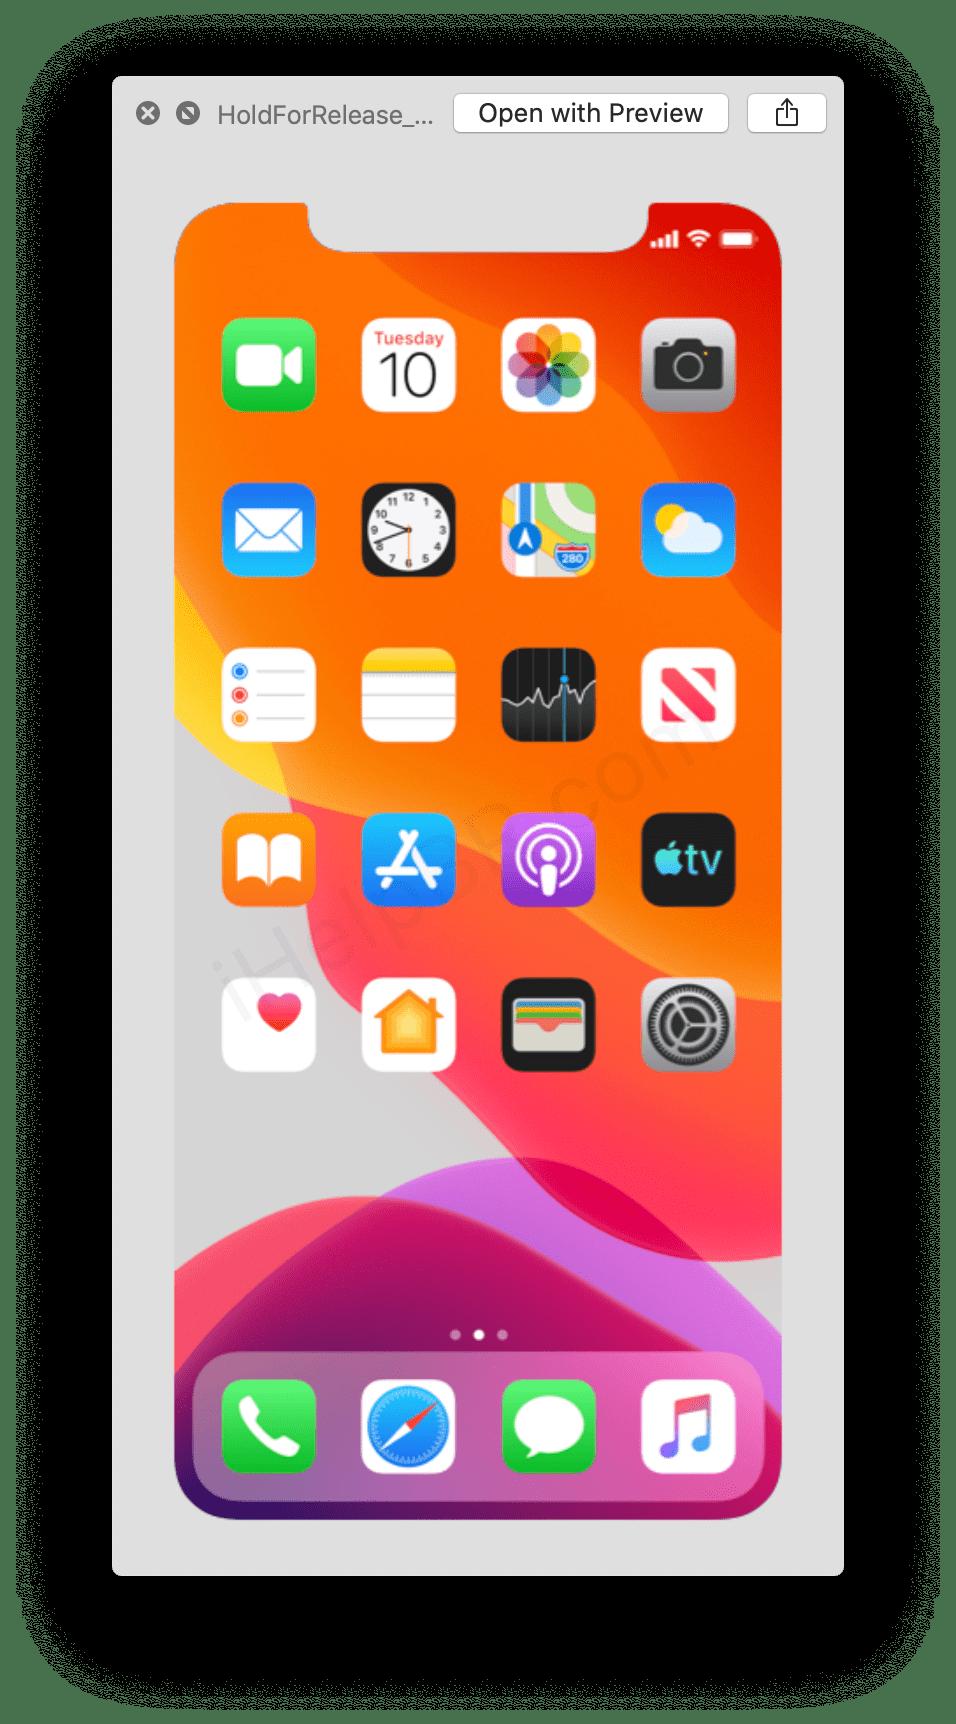 Kalenderikonet i denne filen fra nye iOS 13 viser tydelig tirsdag 10. I fjor viste en liknende fil onsdag 12., og Apple lanserte iPhonene sine på nettopp 12. september.